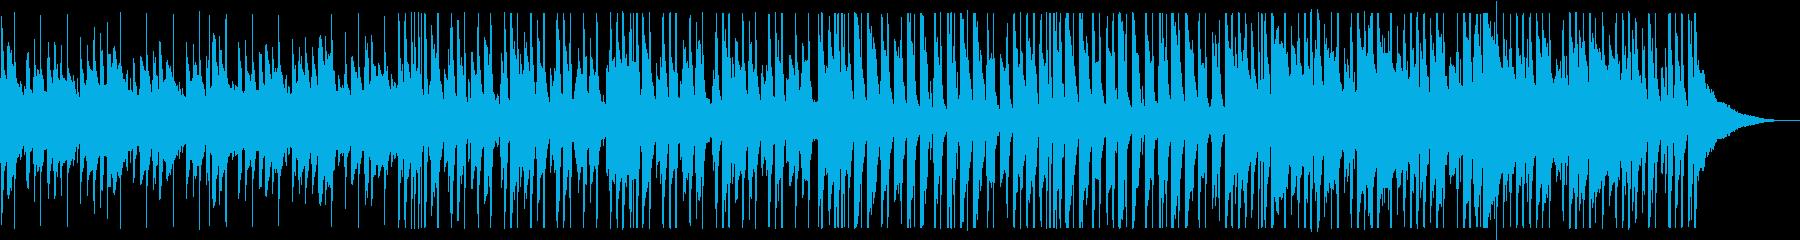 爽やかなカフェBGM_No686_2の再生済みの波形